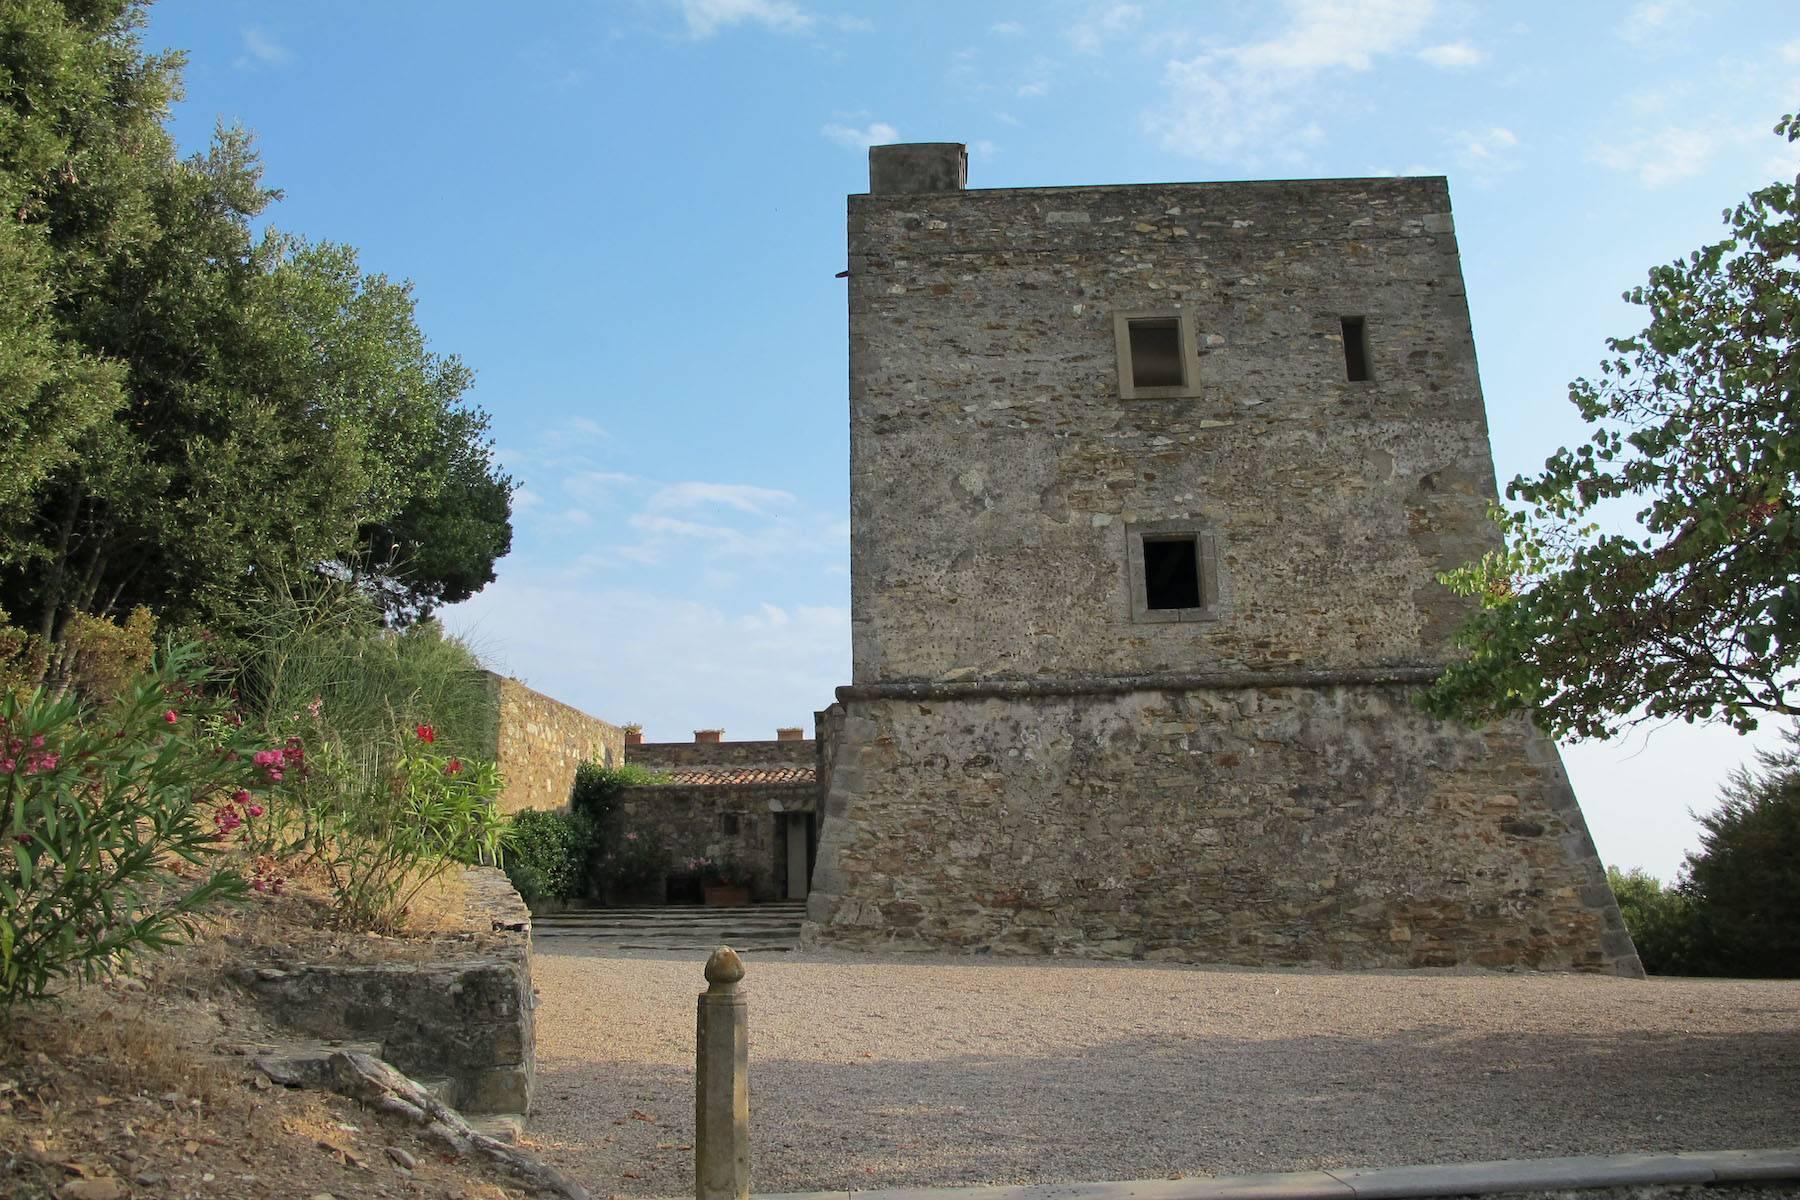 Alter Wachturm aus dem fünfzehnten Jahrhundert mit Blick auf das Meer - 16